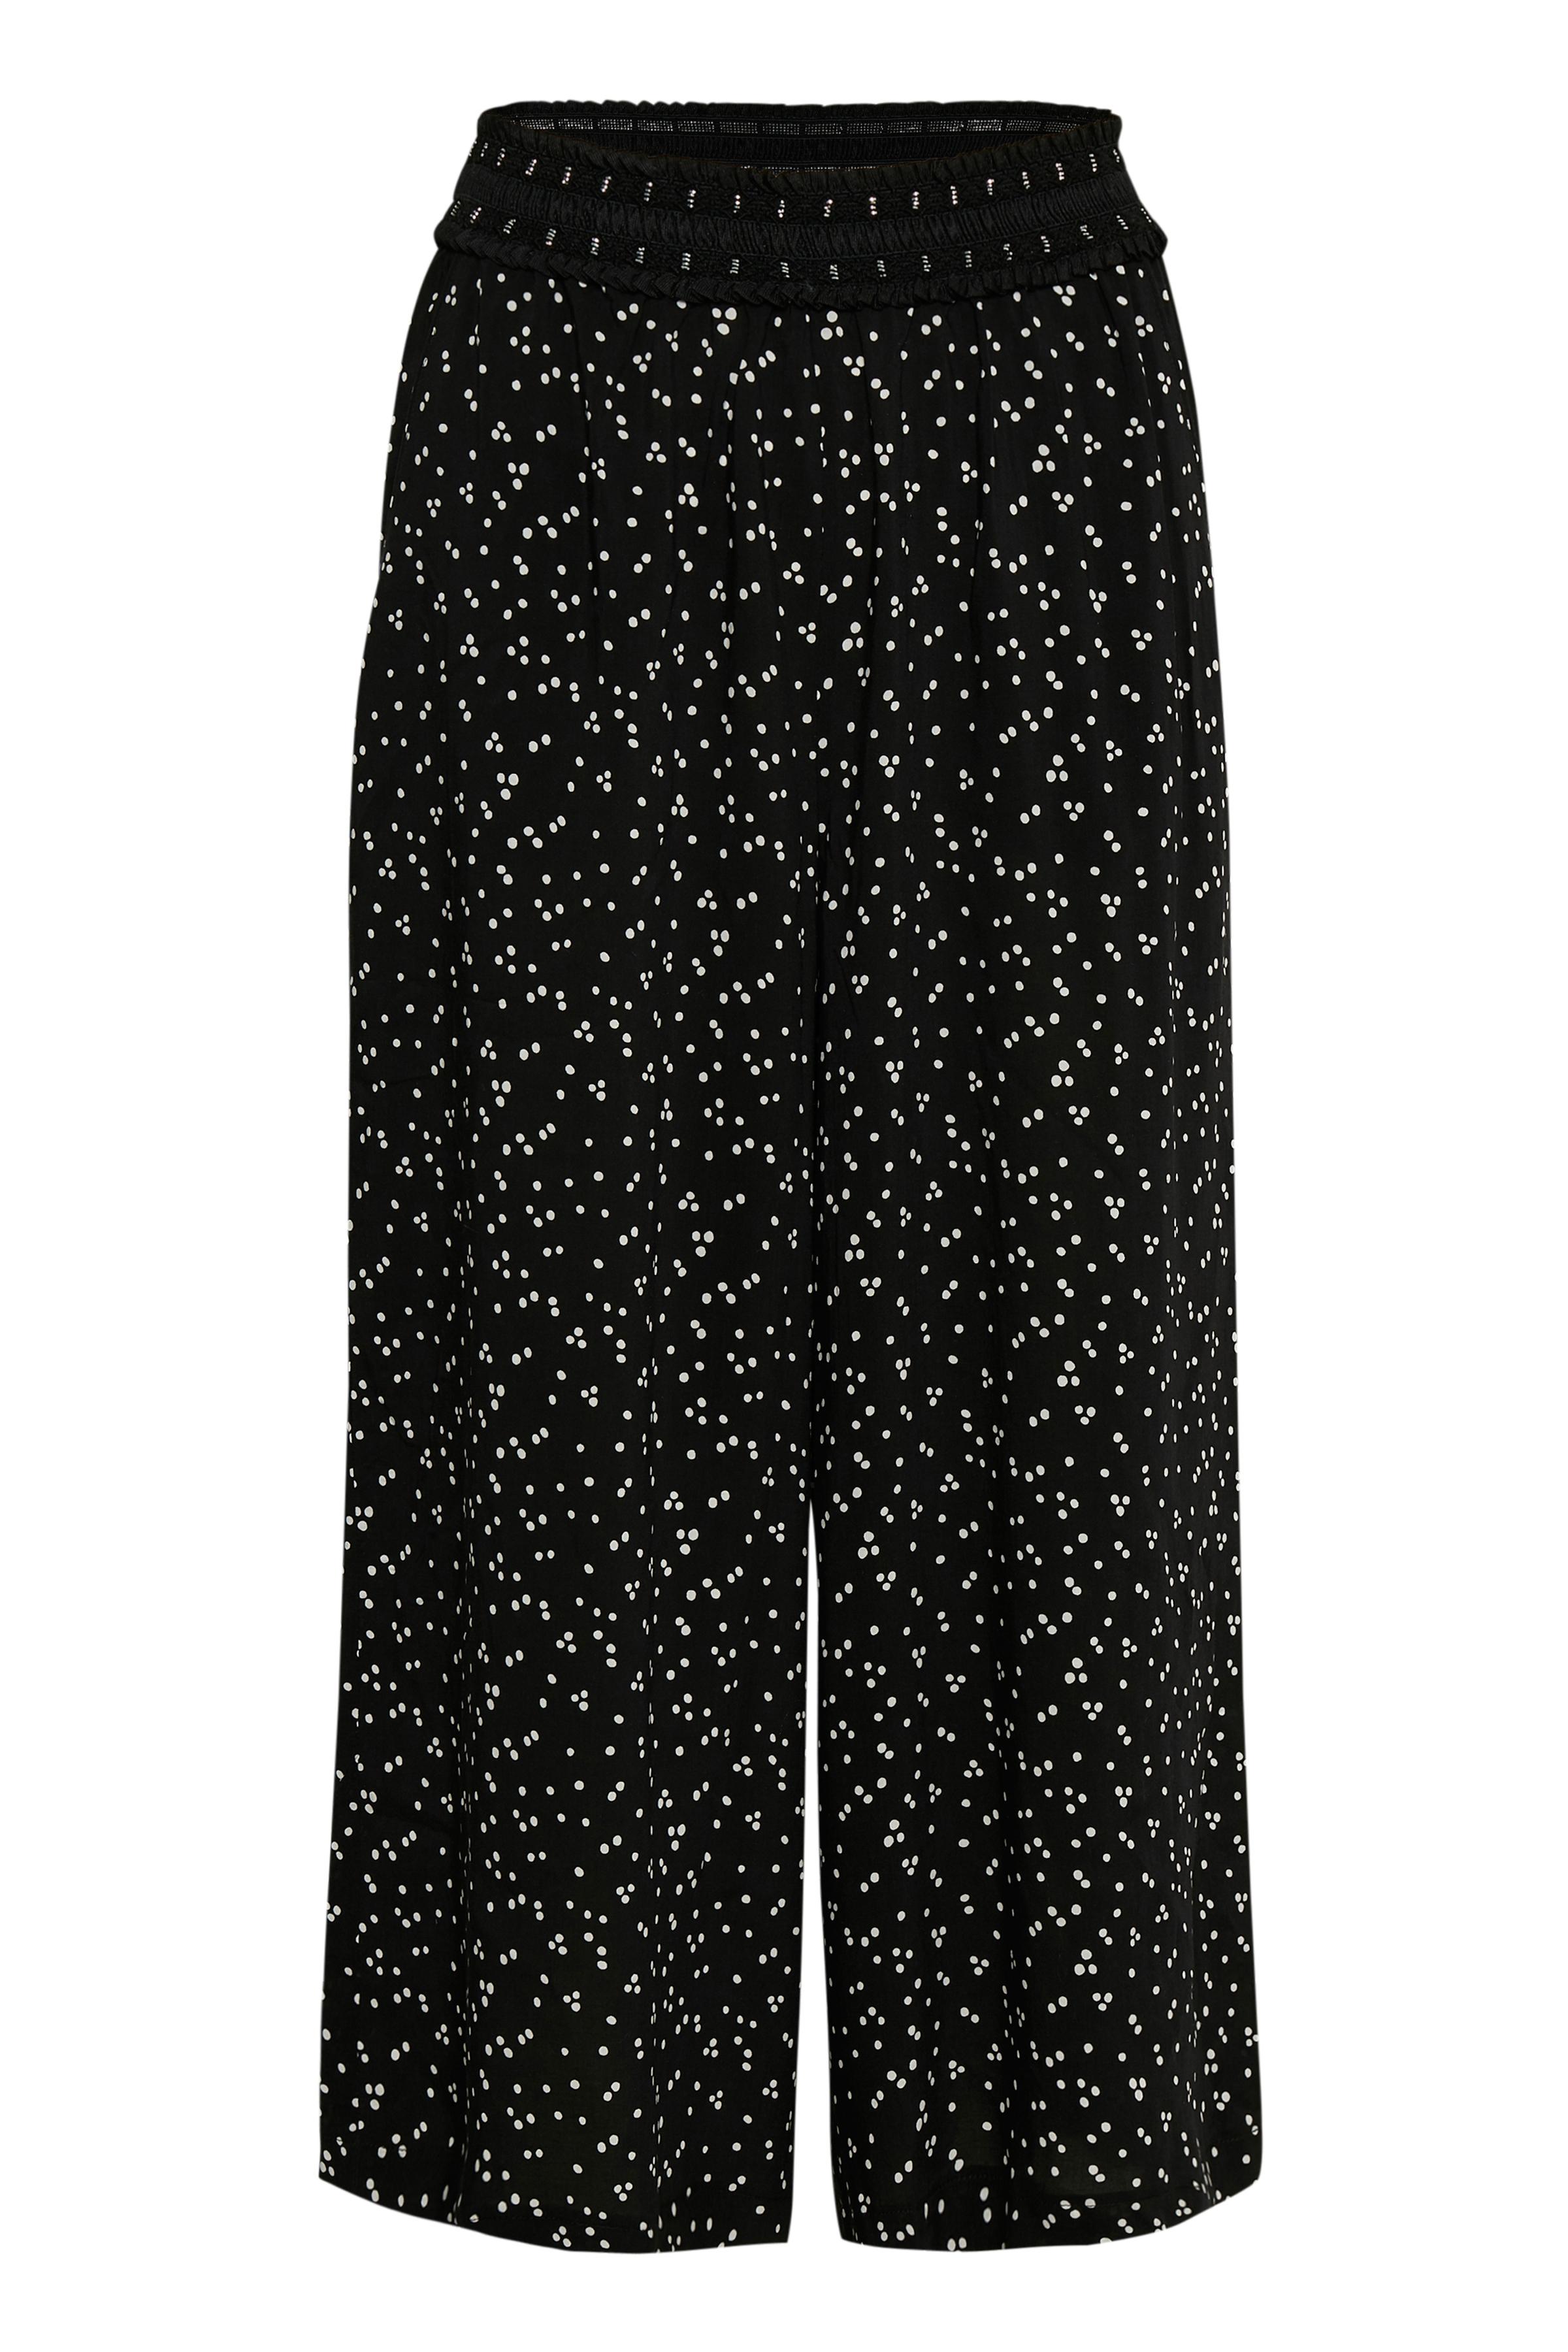 Image of Culture Dame CULTURE culotte bukser med elastik i taljen og brede ben. Bukser - Sort/hvid